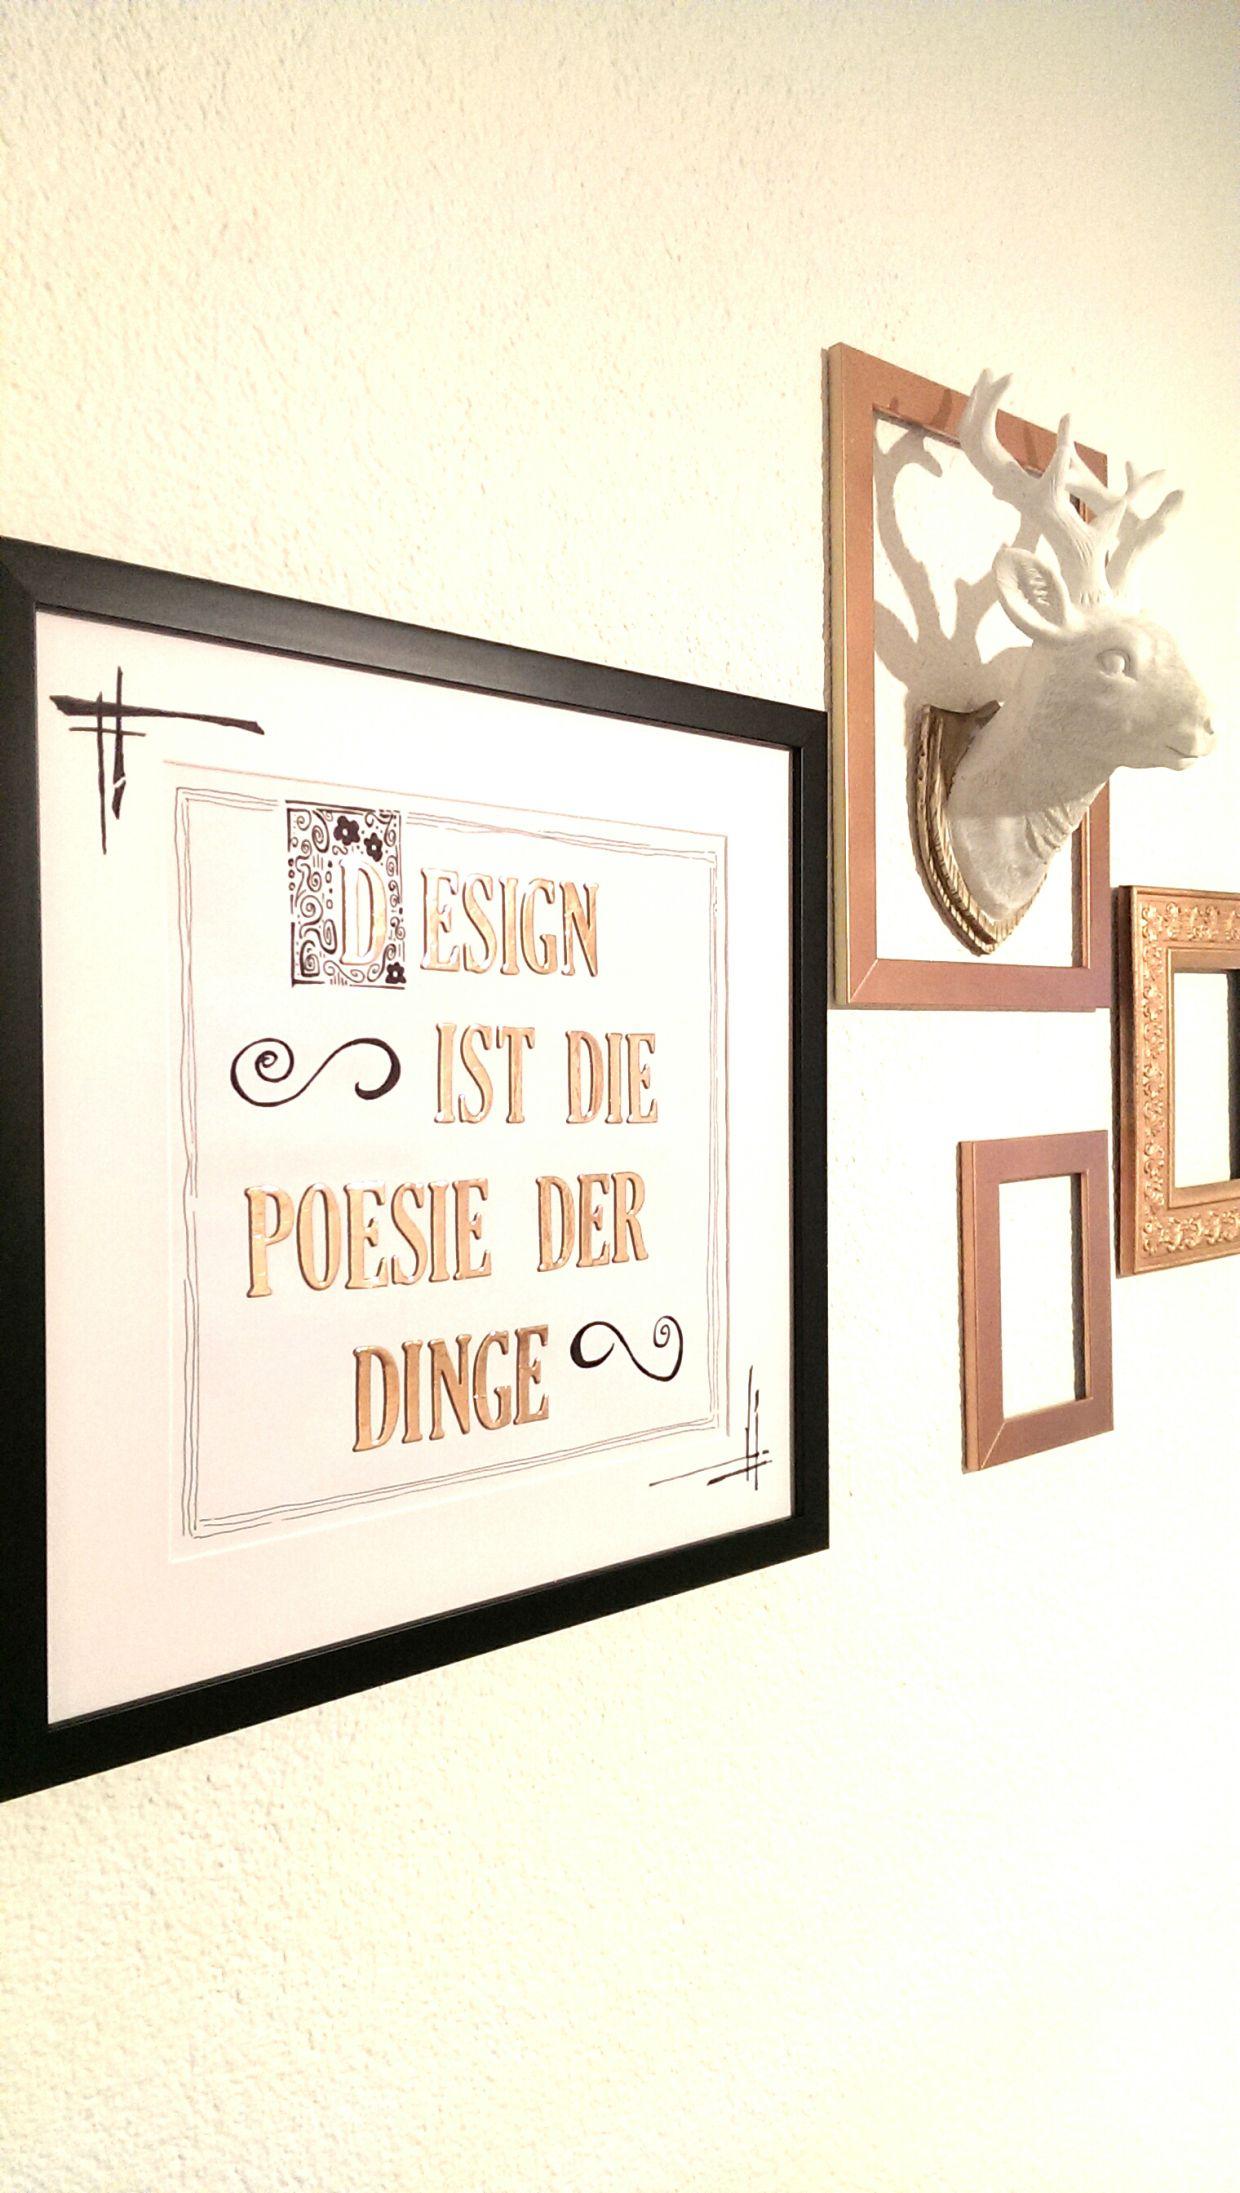 Hübsche Wanddekoration selber machen – DIY BILD IN KUPFER | DIY ...